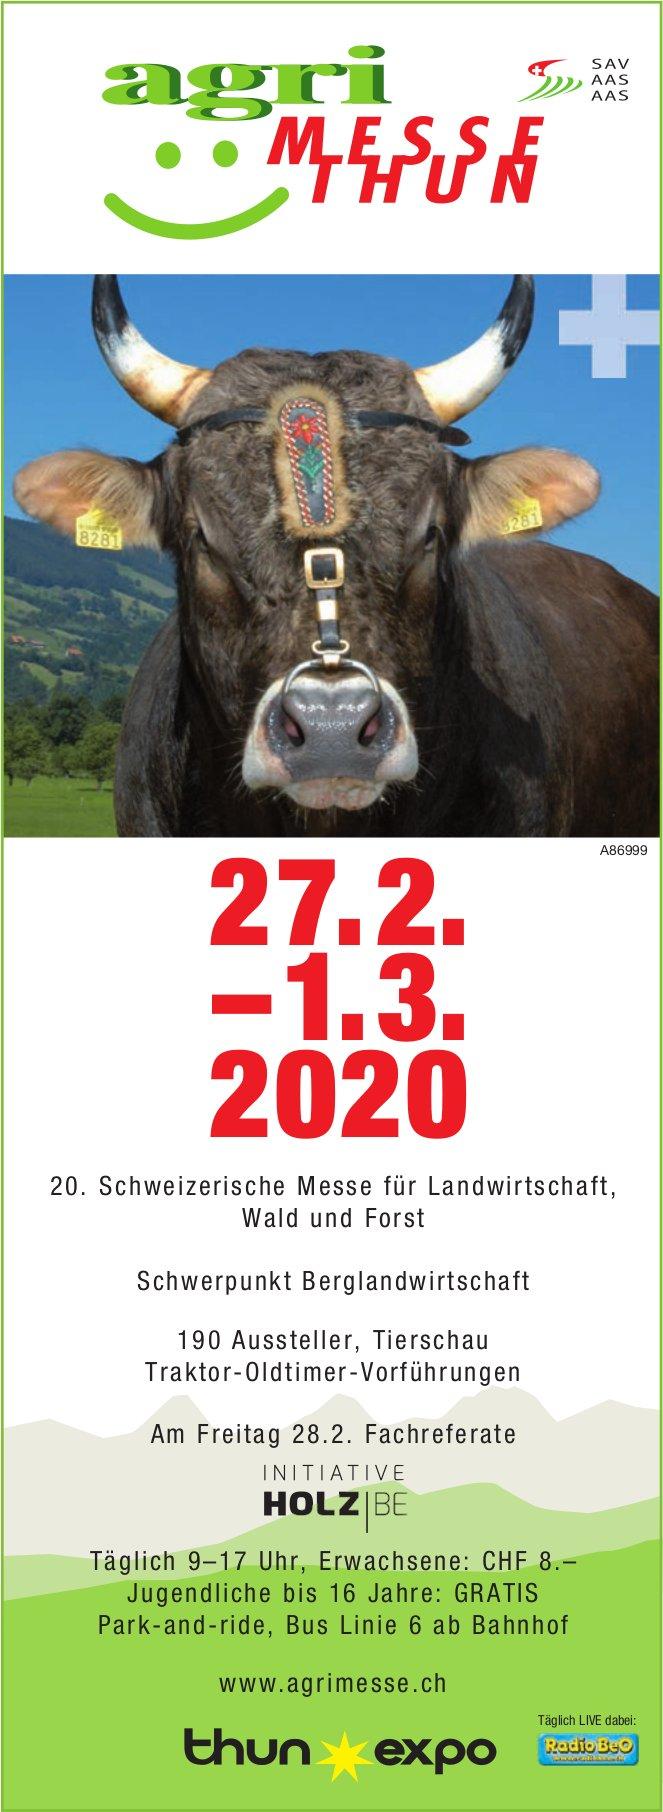 Agri Messe Thun, 27. Februar bis 1. März